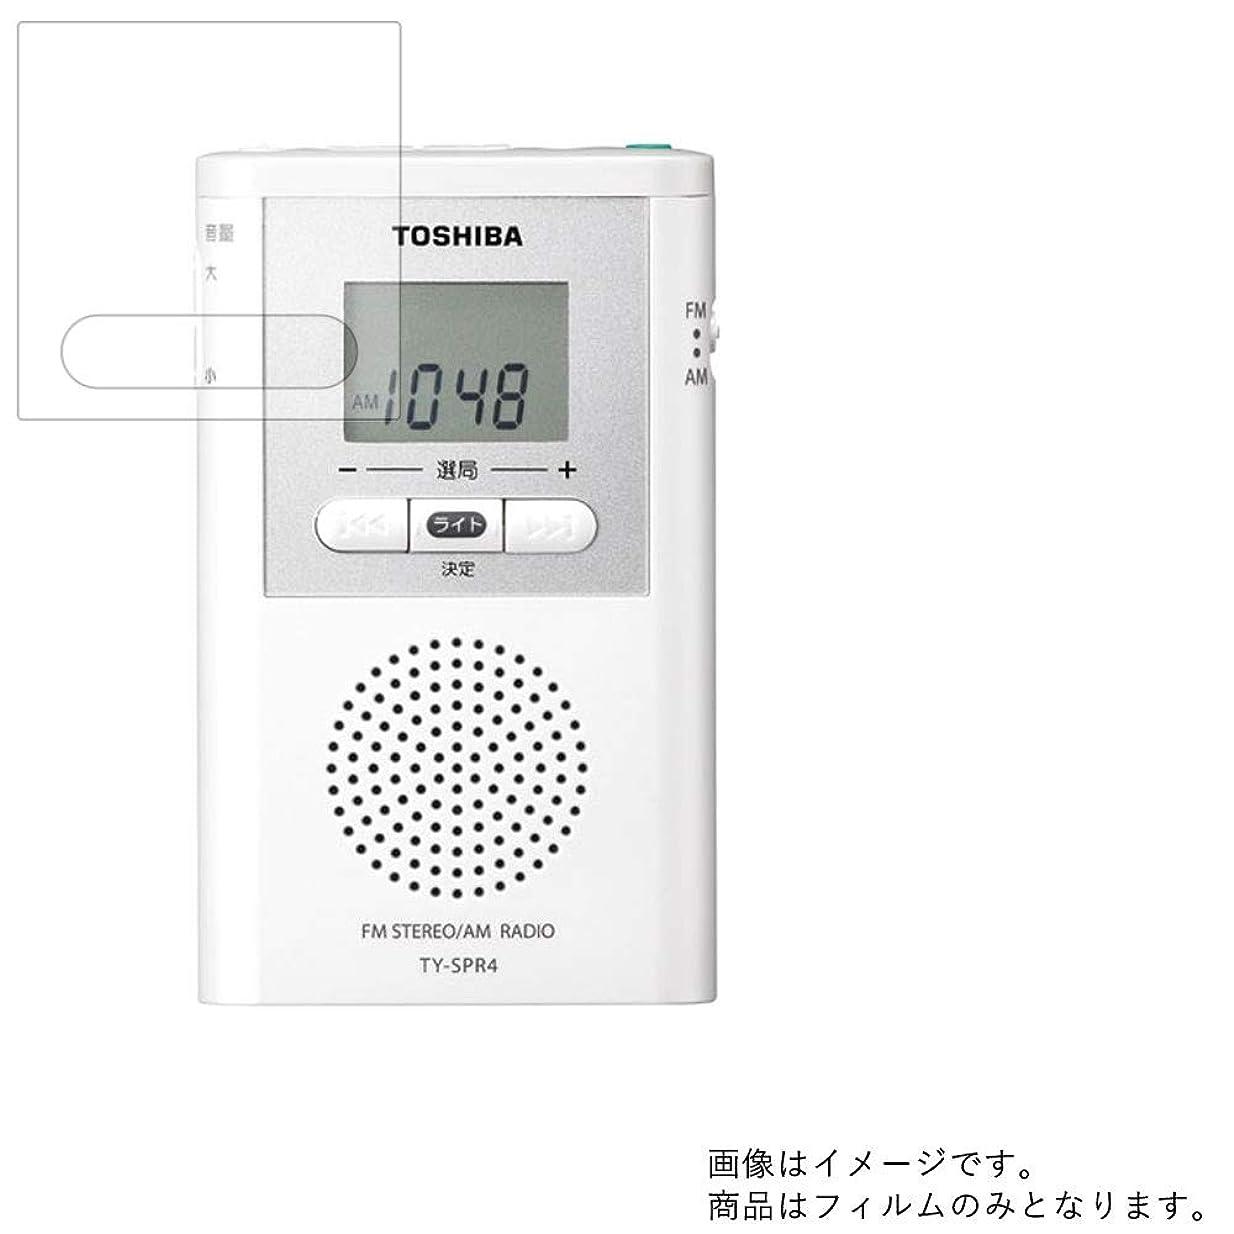 人形脚エステート【2枚セット】Toshiba TY-SPR4 用【反射防止ノンフィラータイプ】液晶保護フィルム ギラツキなし